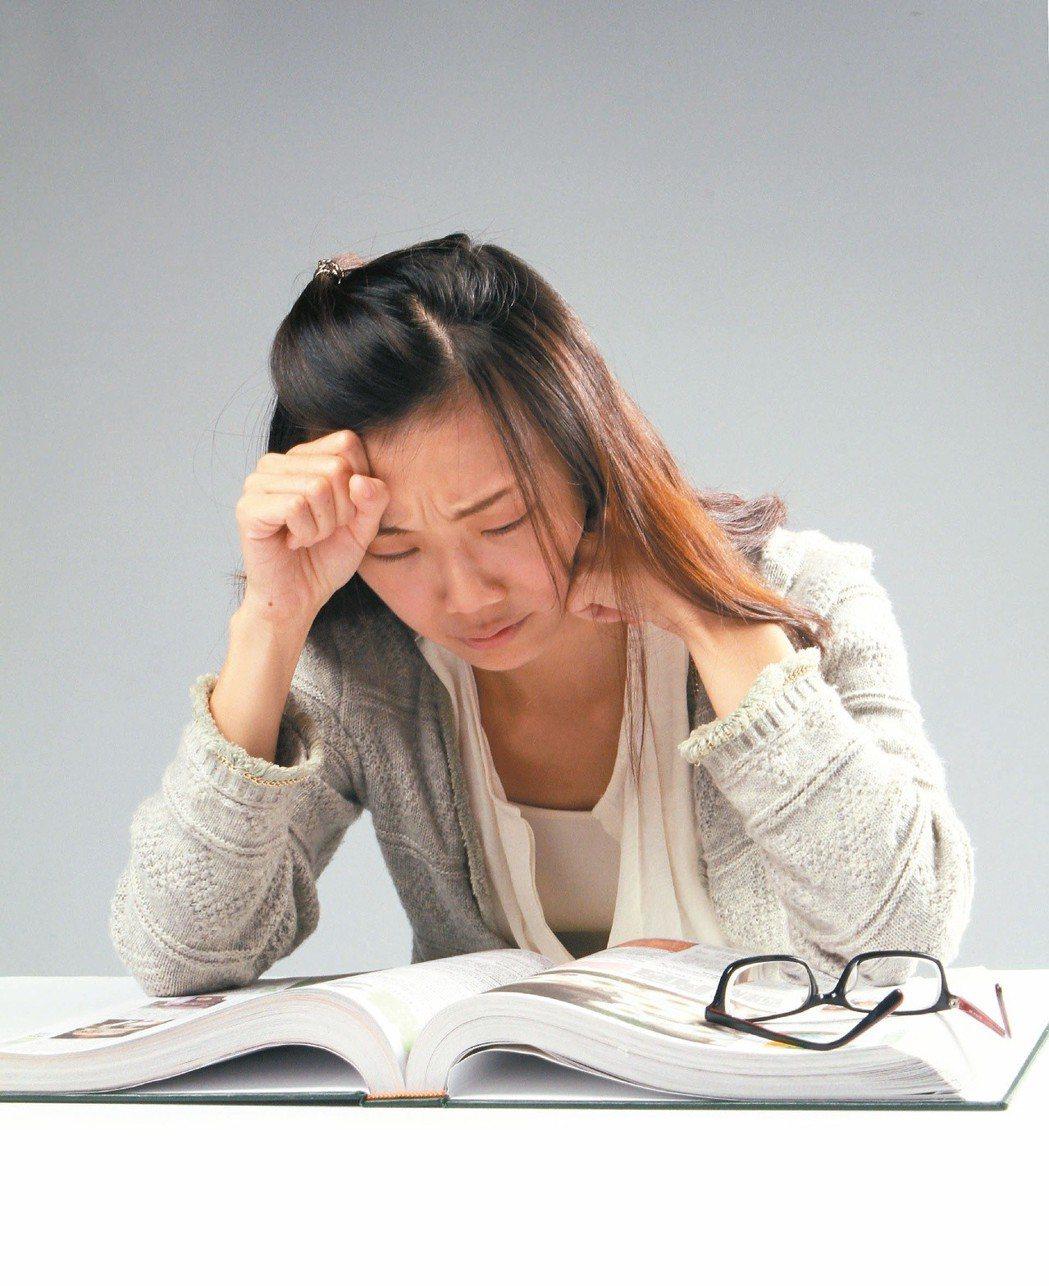 在家庭、職場、經濟三面向中,經濟壓力指數65.7分最高,強過職場50.6分、家庭...